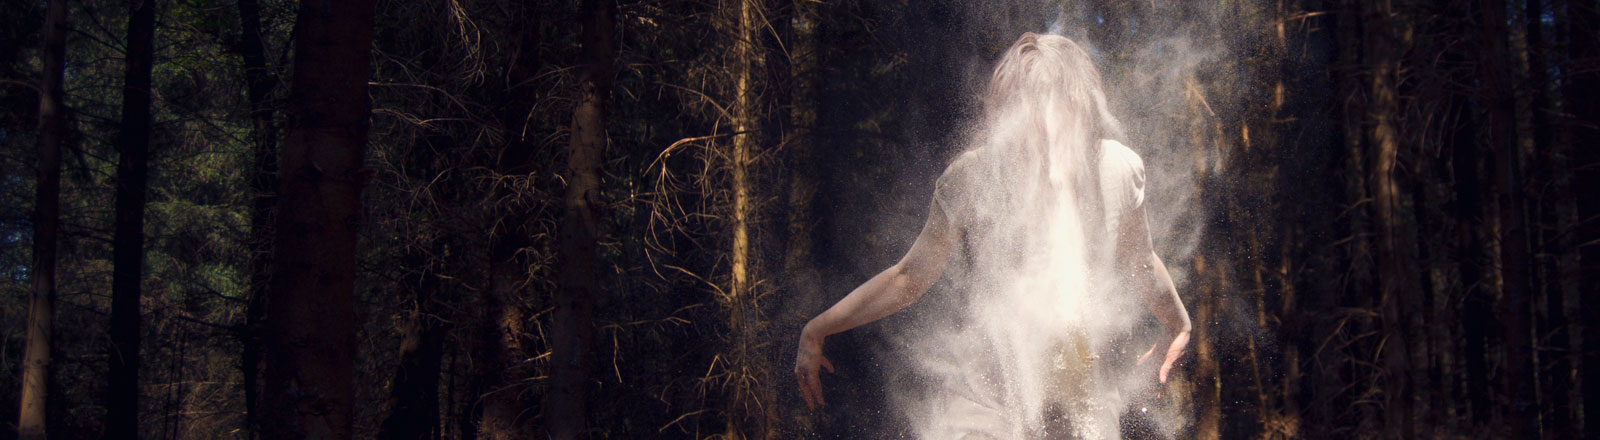 Ein Geist im Wald.